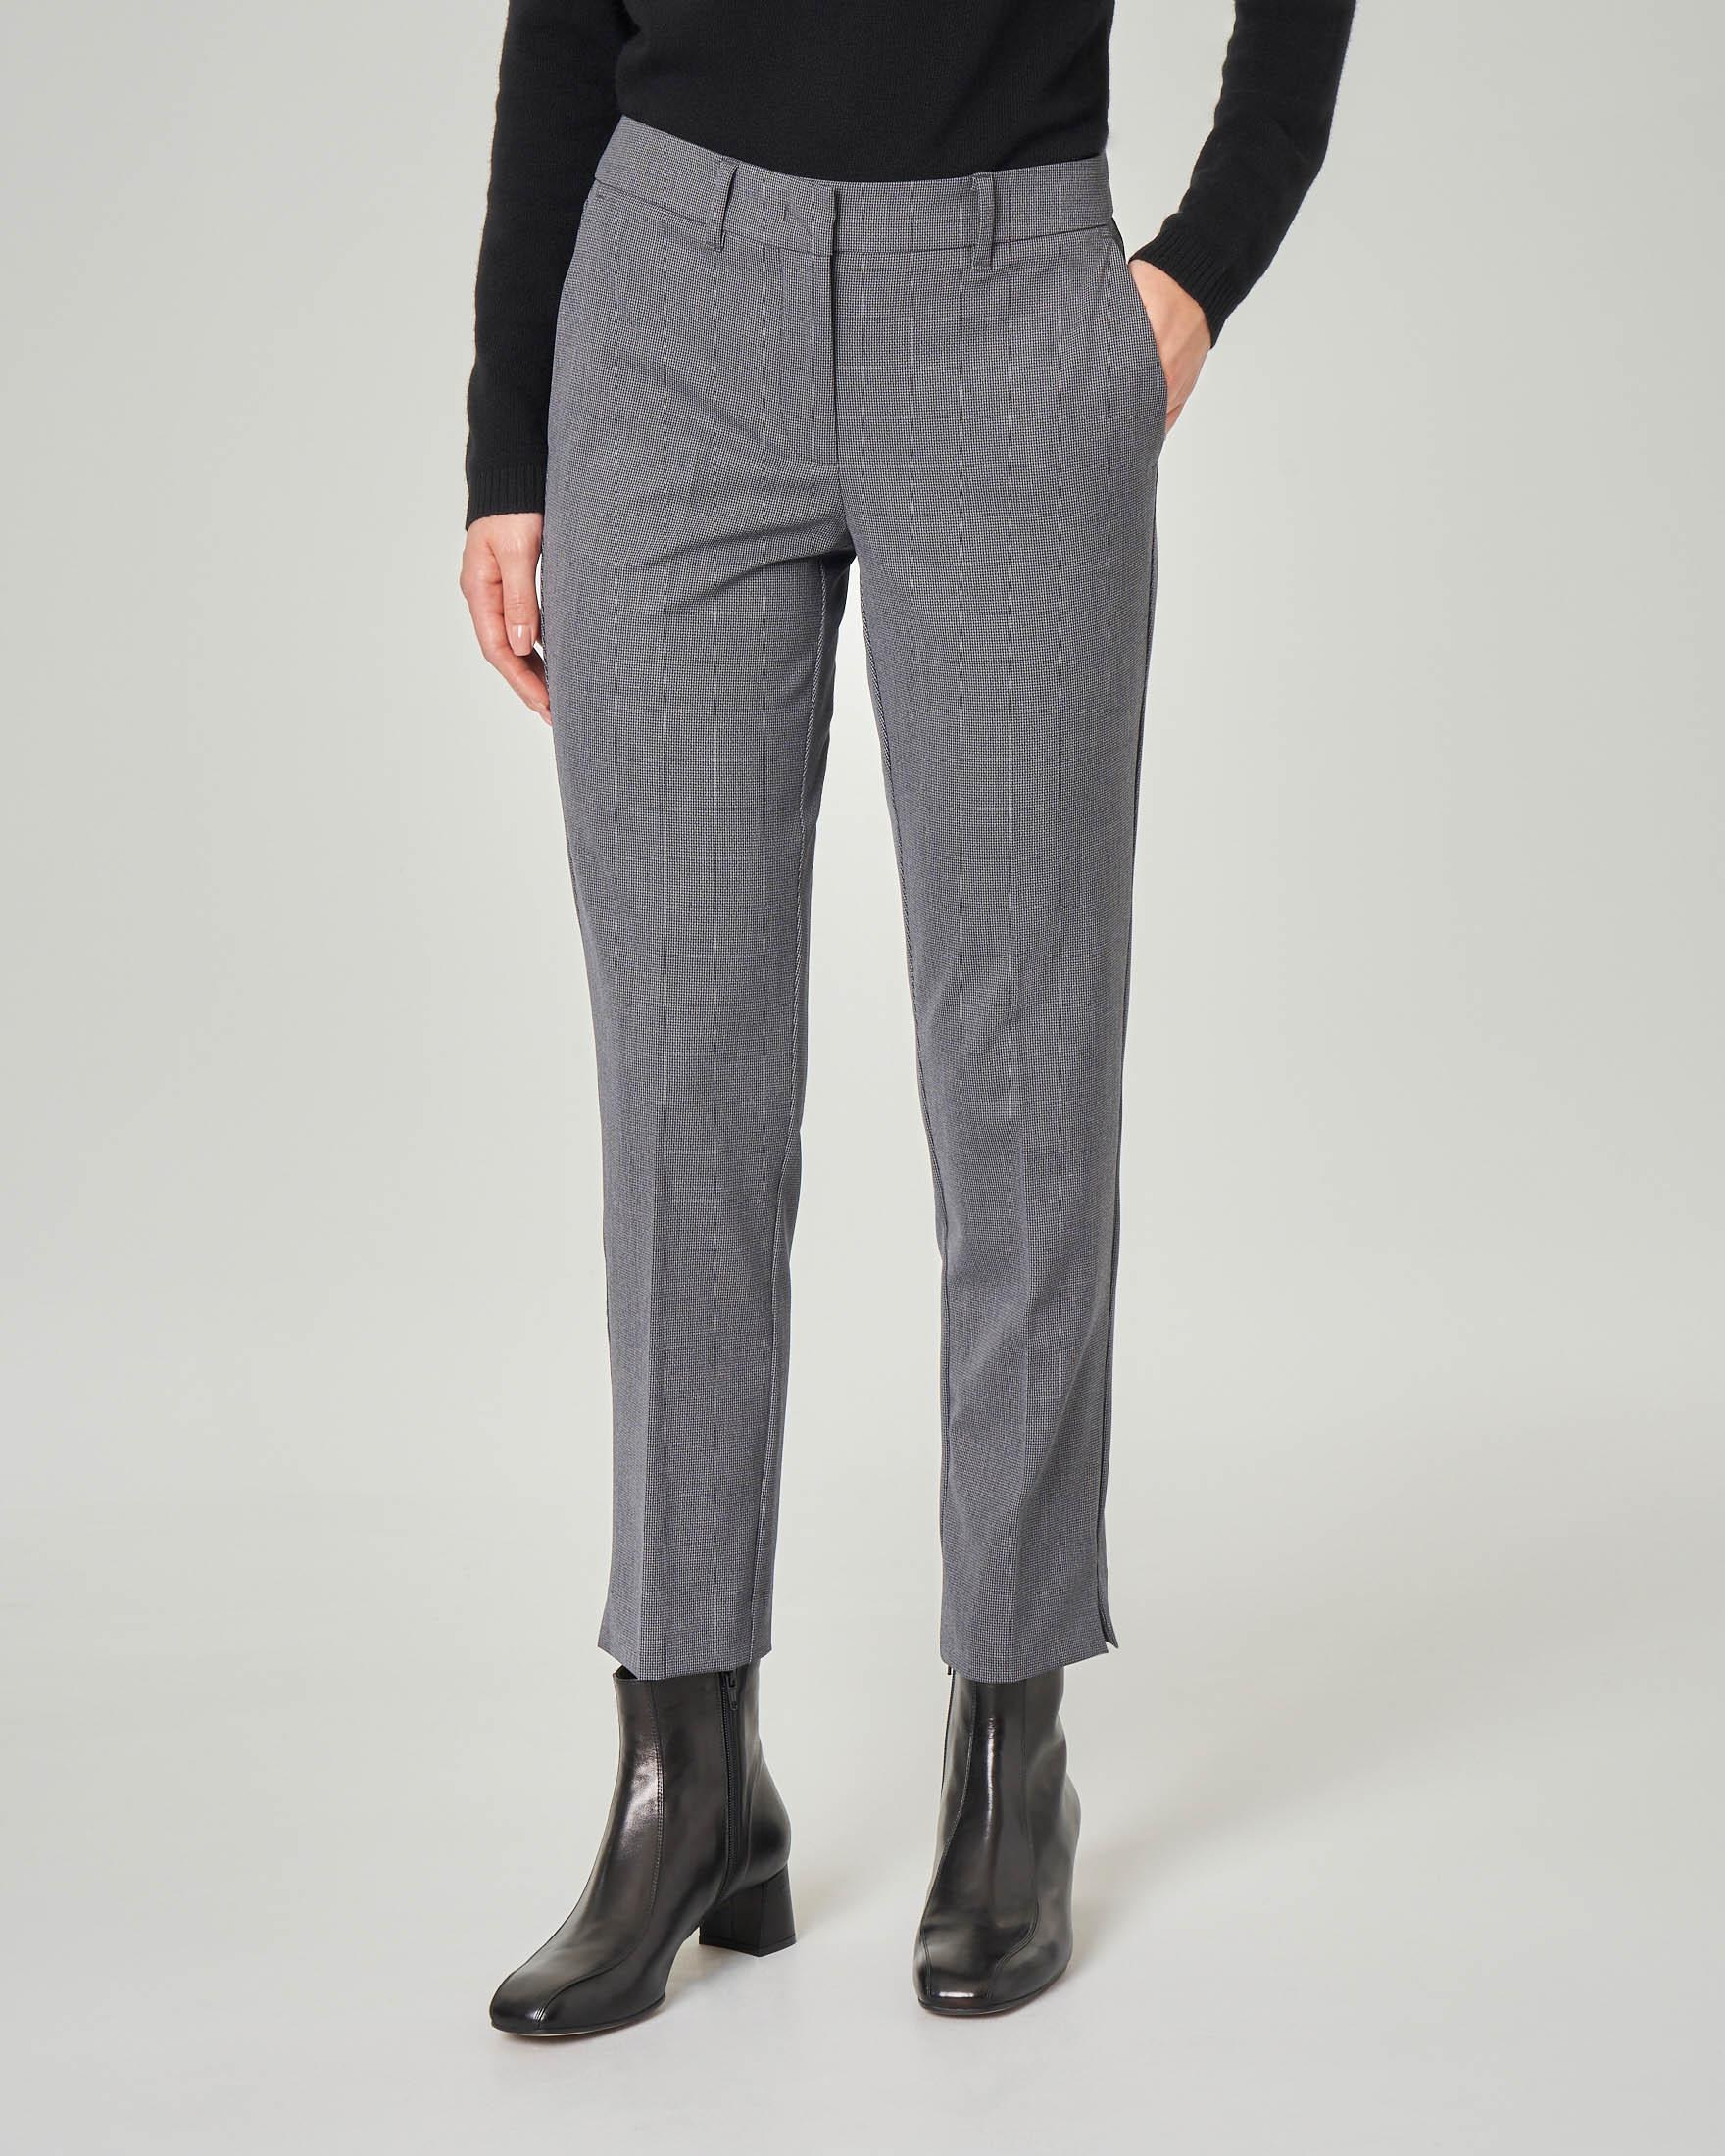 Pantaloni Eleganti da Donna: visita lo Shop | Pellizzari